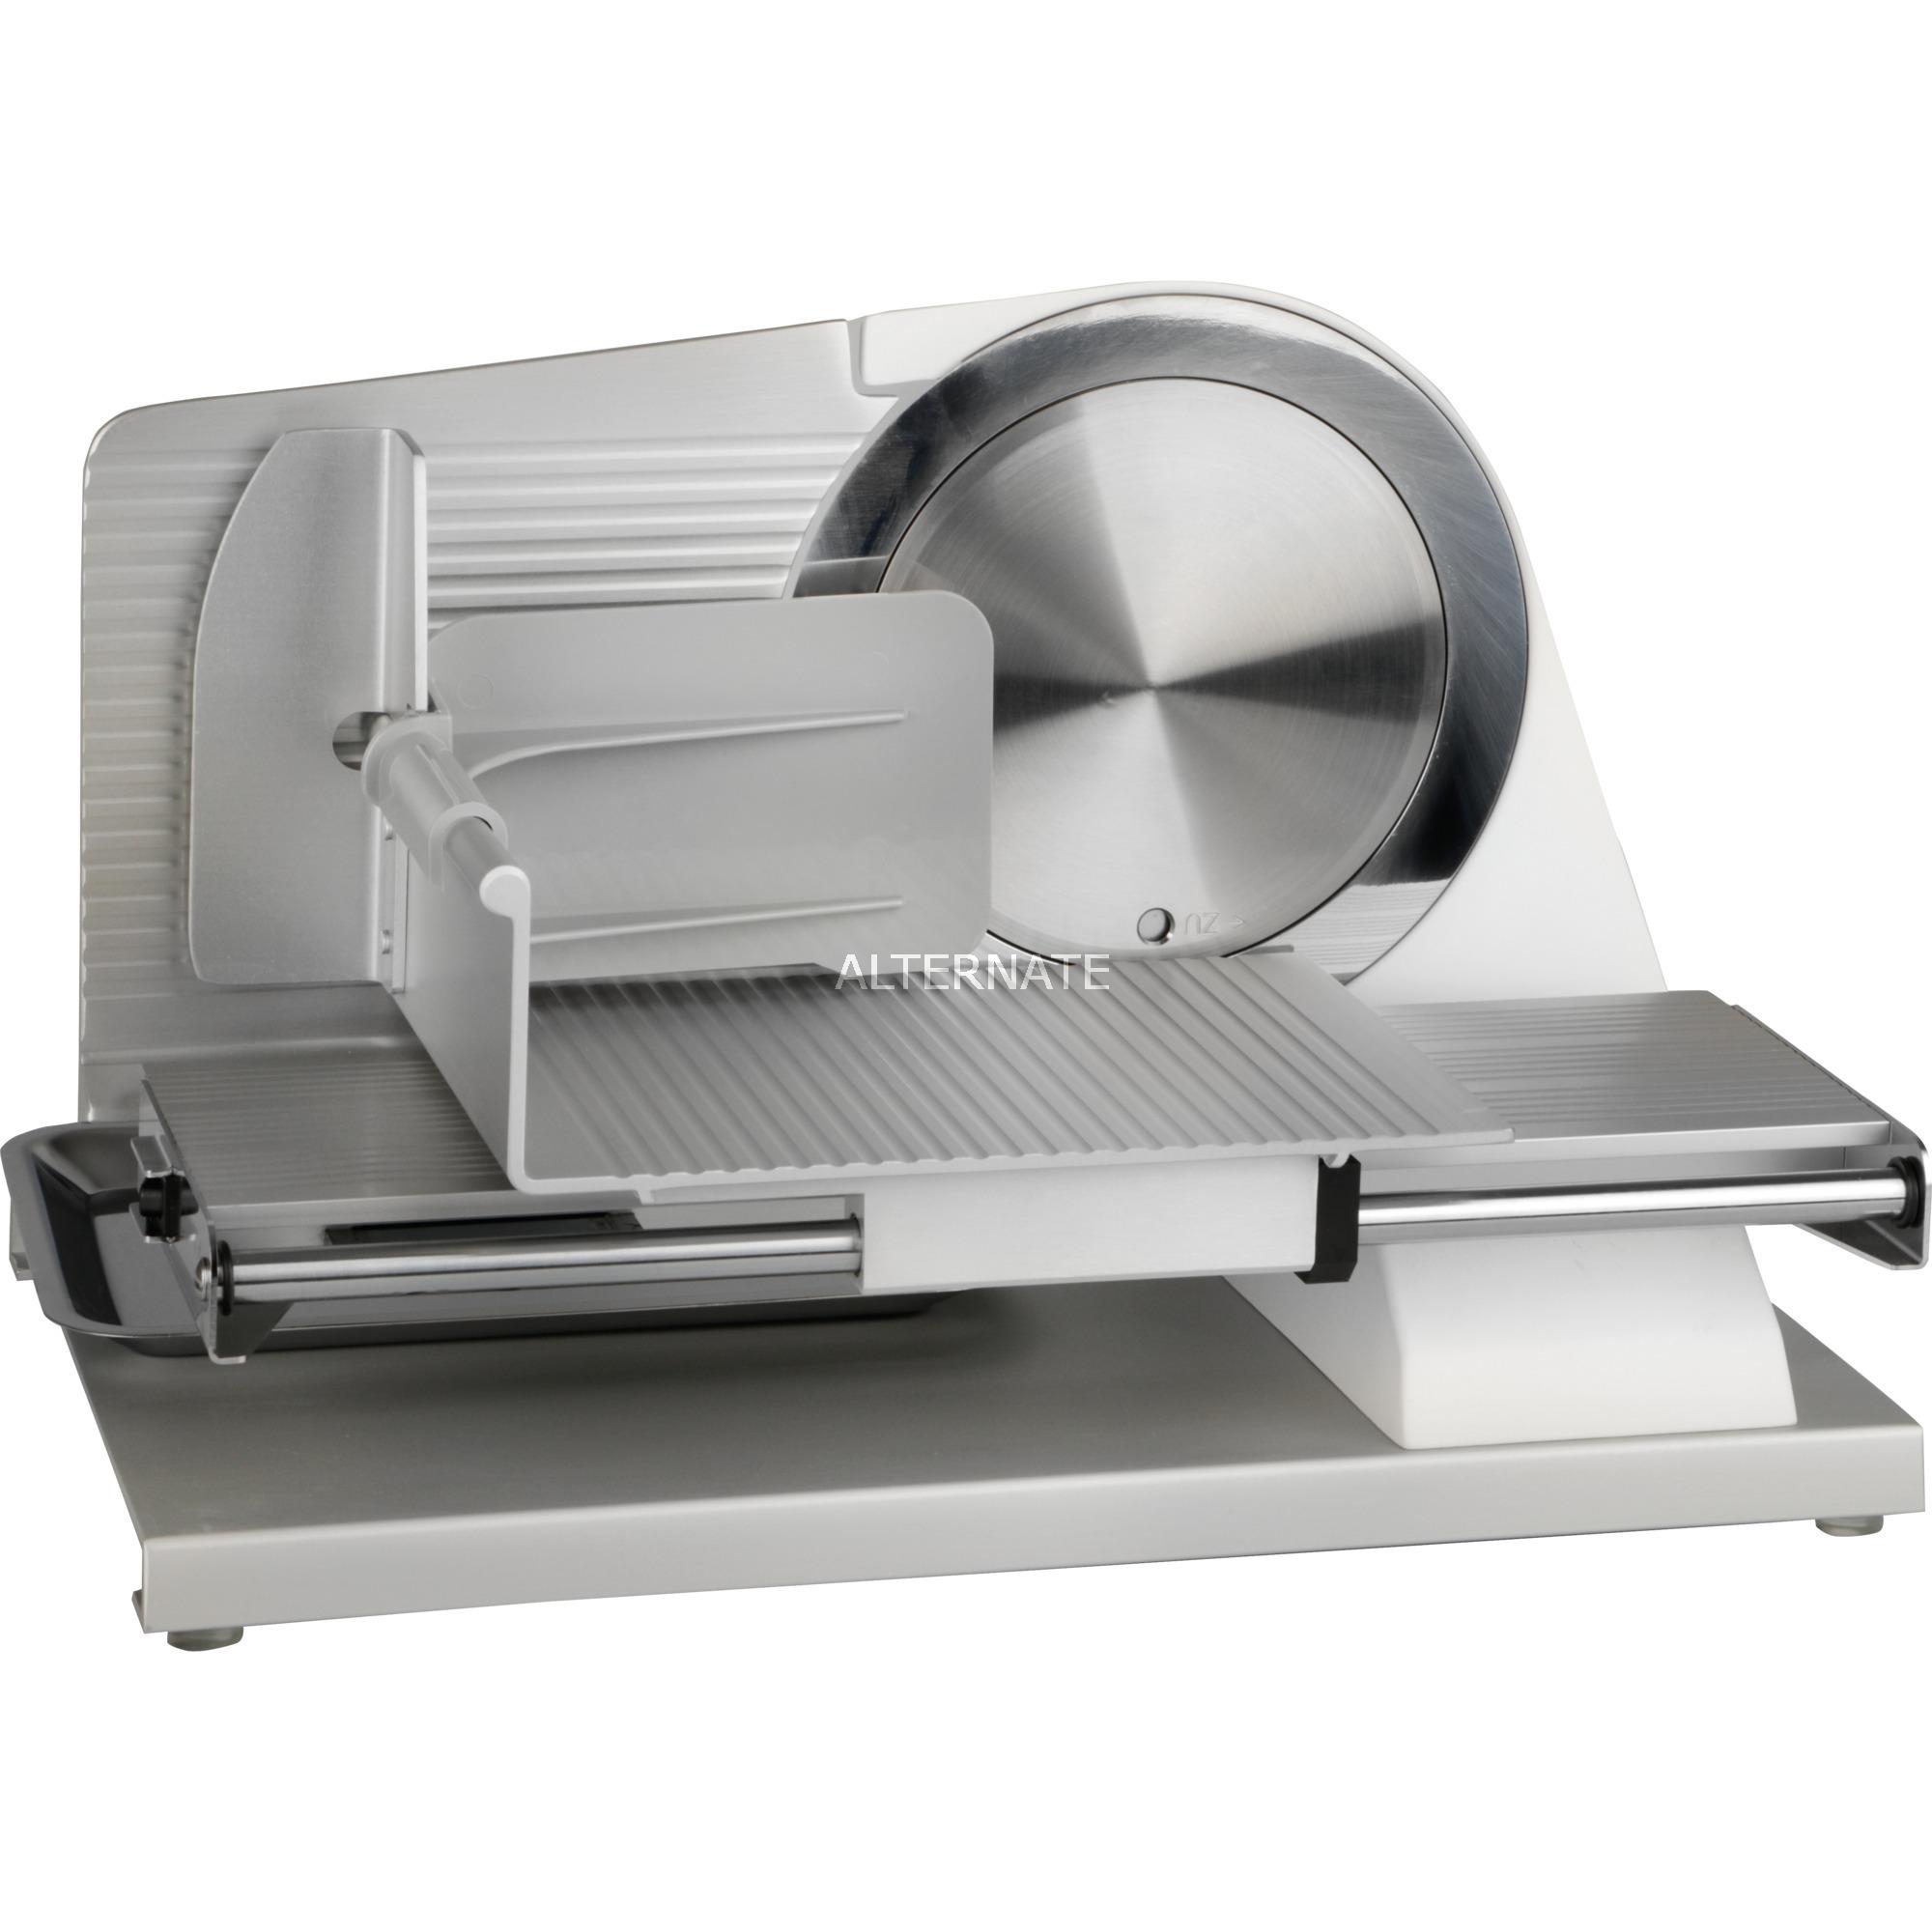 SKS901EU Eléctrico 185W Aluminio Acero inoxidable, Color blanco rebanadora, Cortatodo